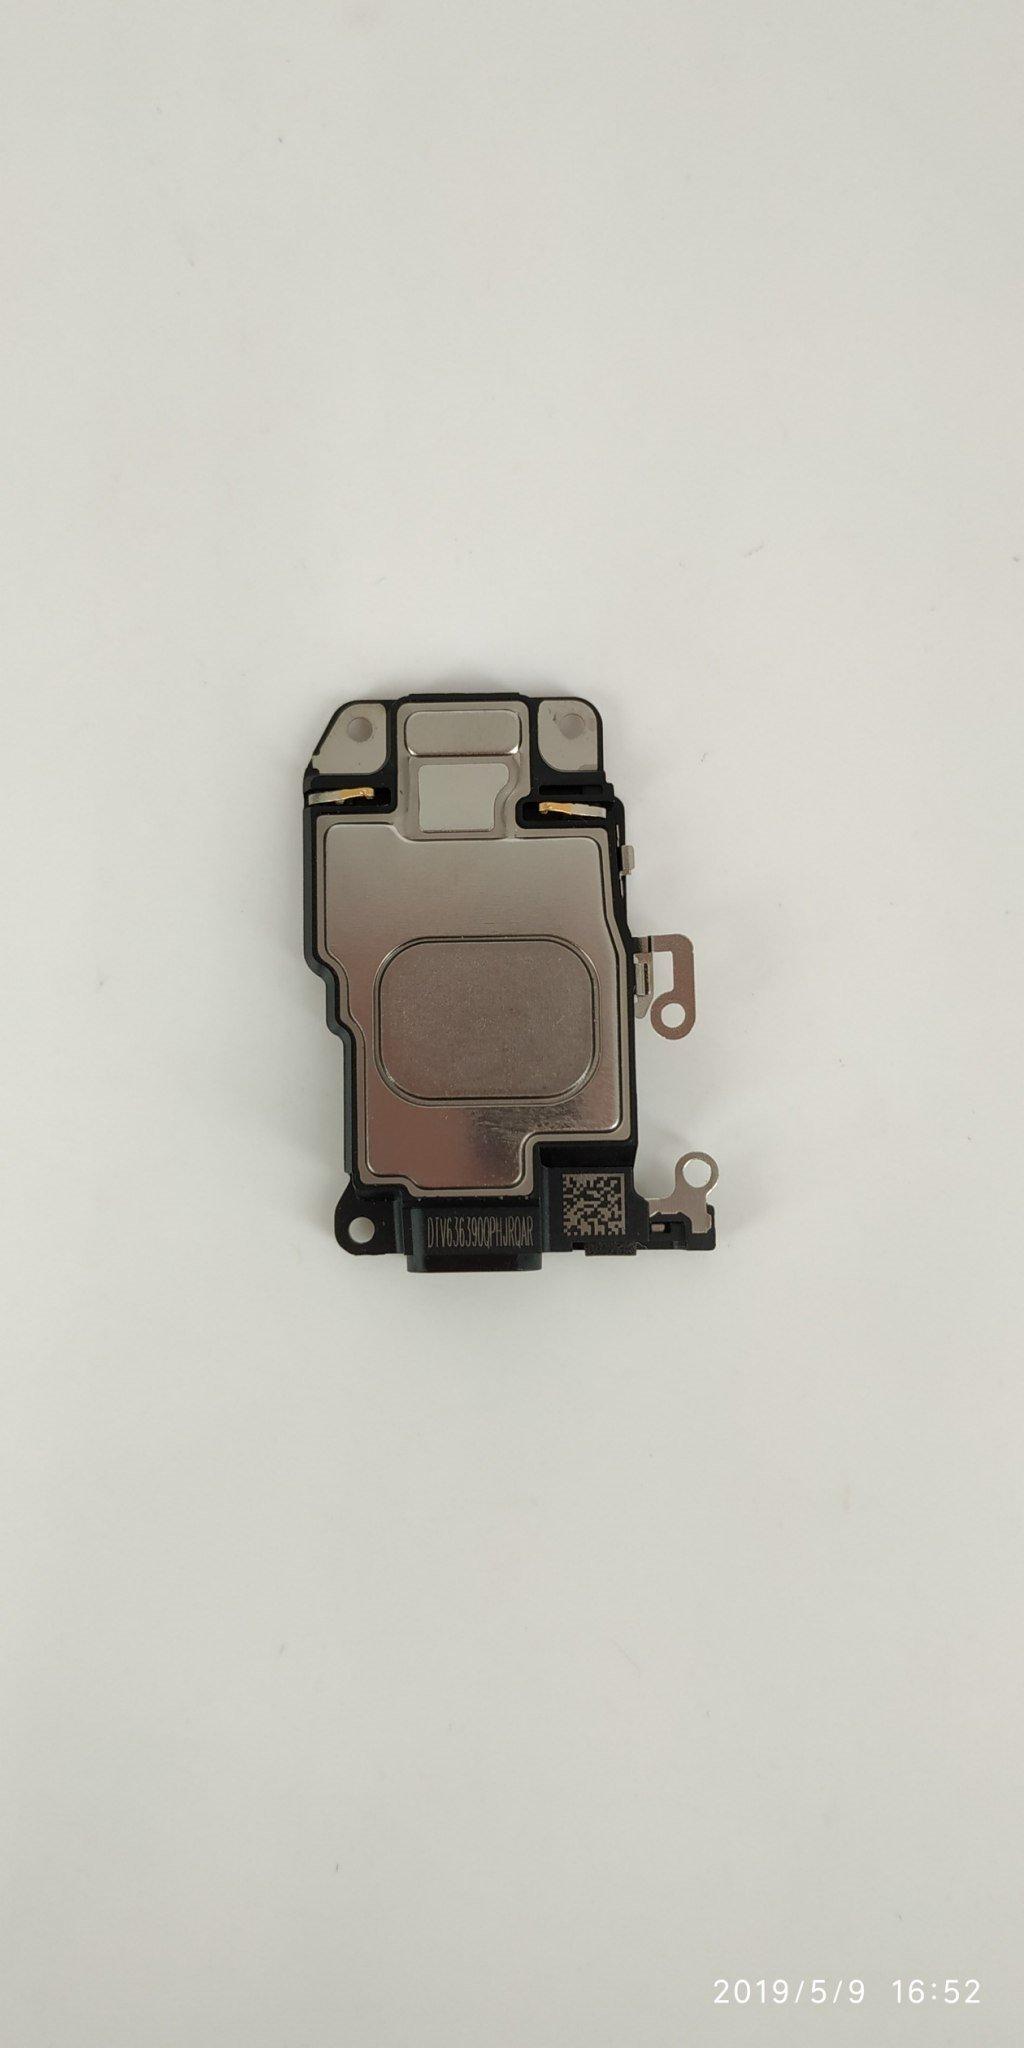 【保固一年】Apple iPhone 7 i7 喇叭 擴音 底座喇叭 內置喇叭 揚聲器 無聲音 破音原廠規格 媲美原廠品質